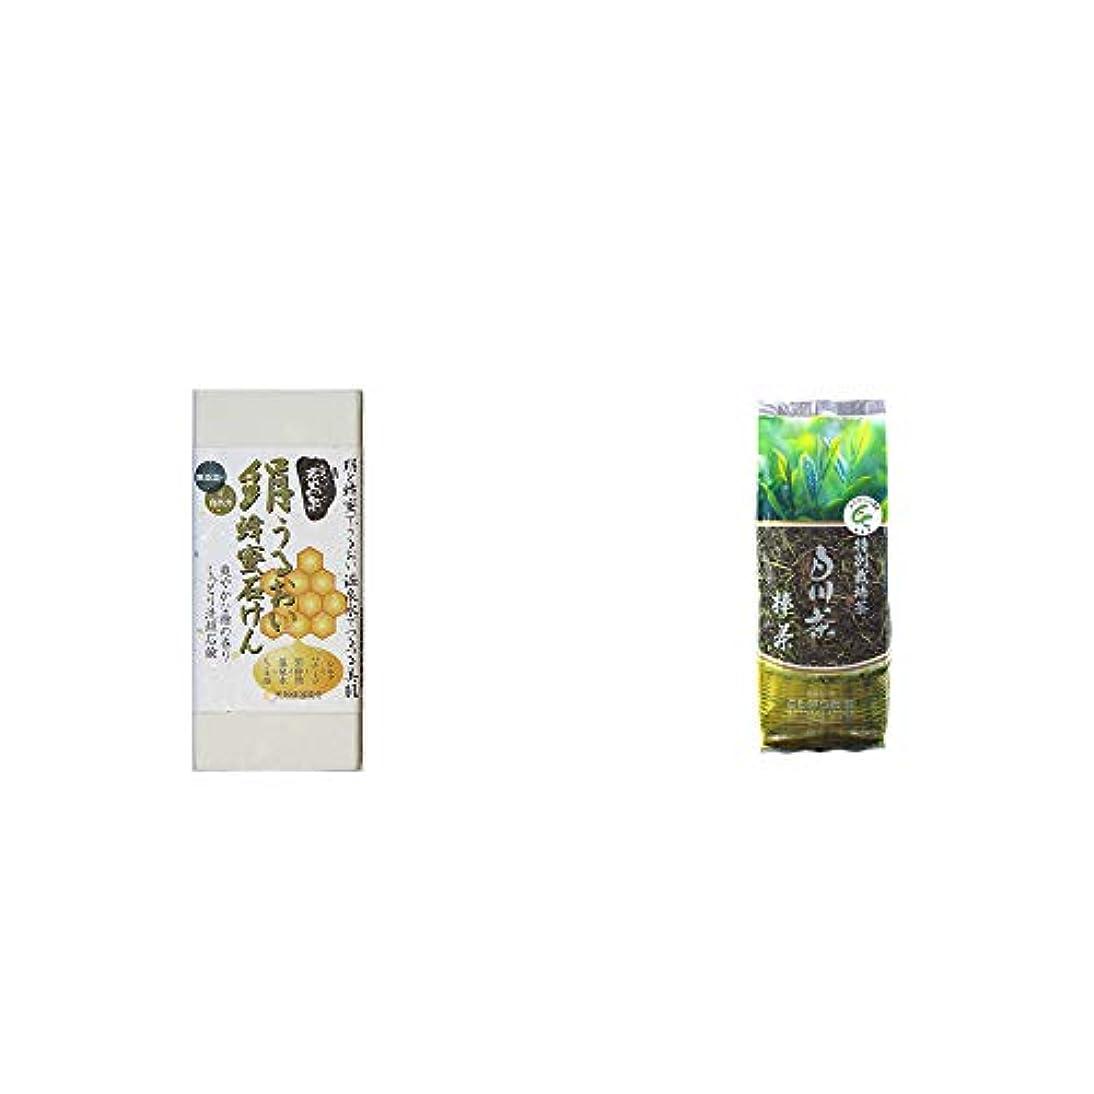 私たち自身断言する別れる[2点セット] ひのき炭黒泉 絹うるおい蜂蜜石けん(75g×2)?白川茶 特別栽培茶【棒茶】(150g)